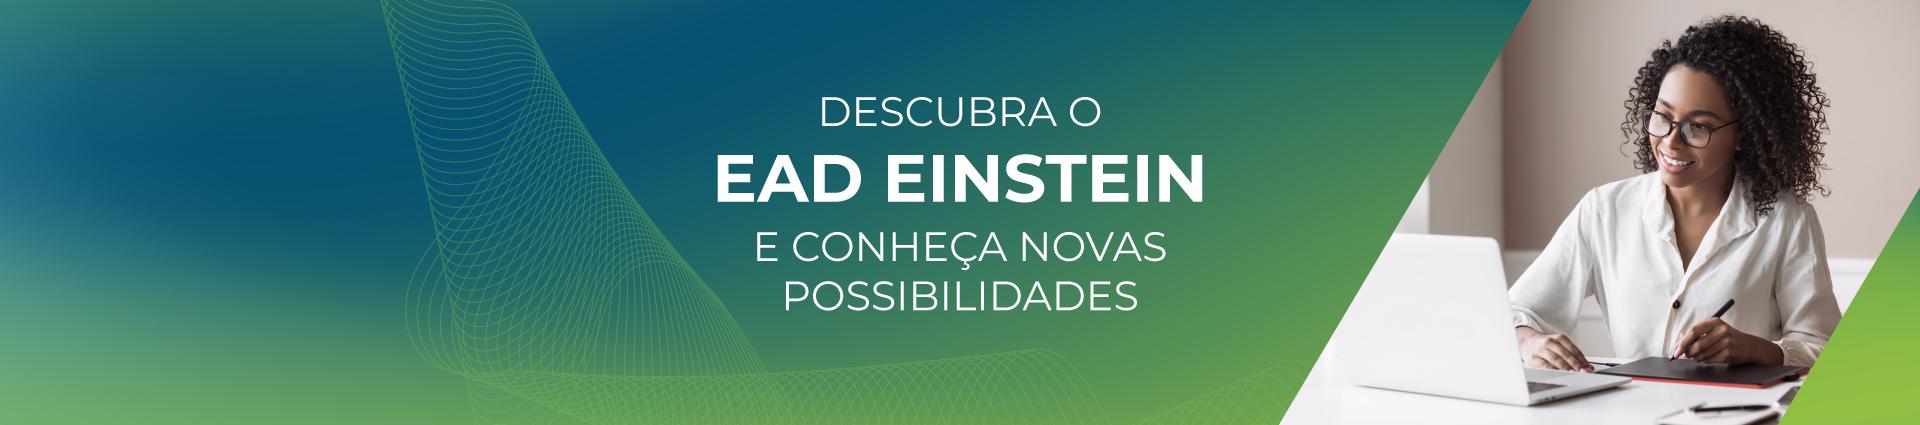 Banner_descubra_EAD